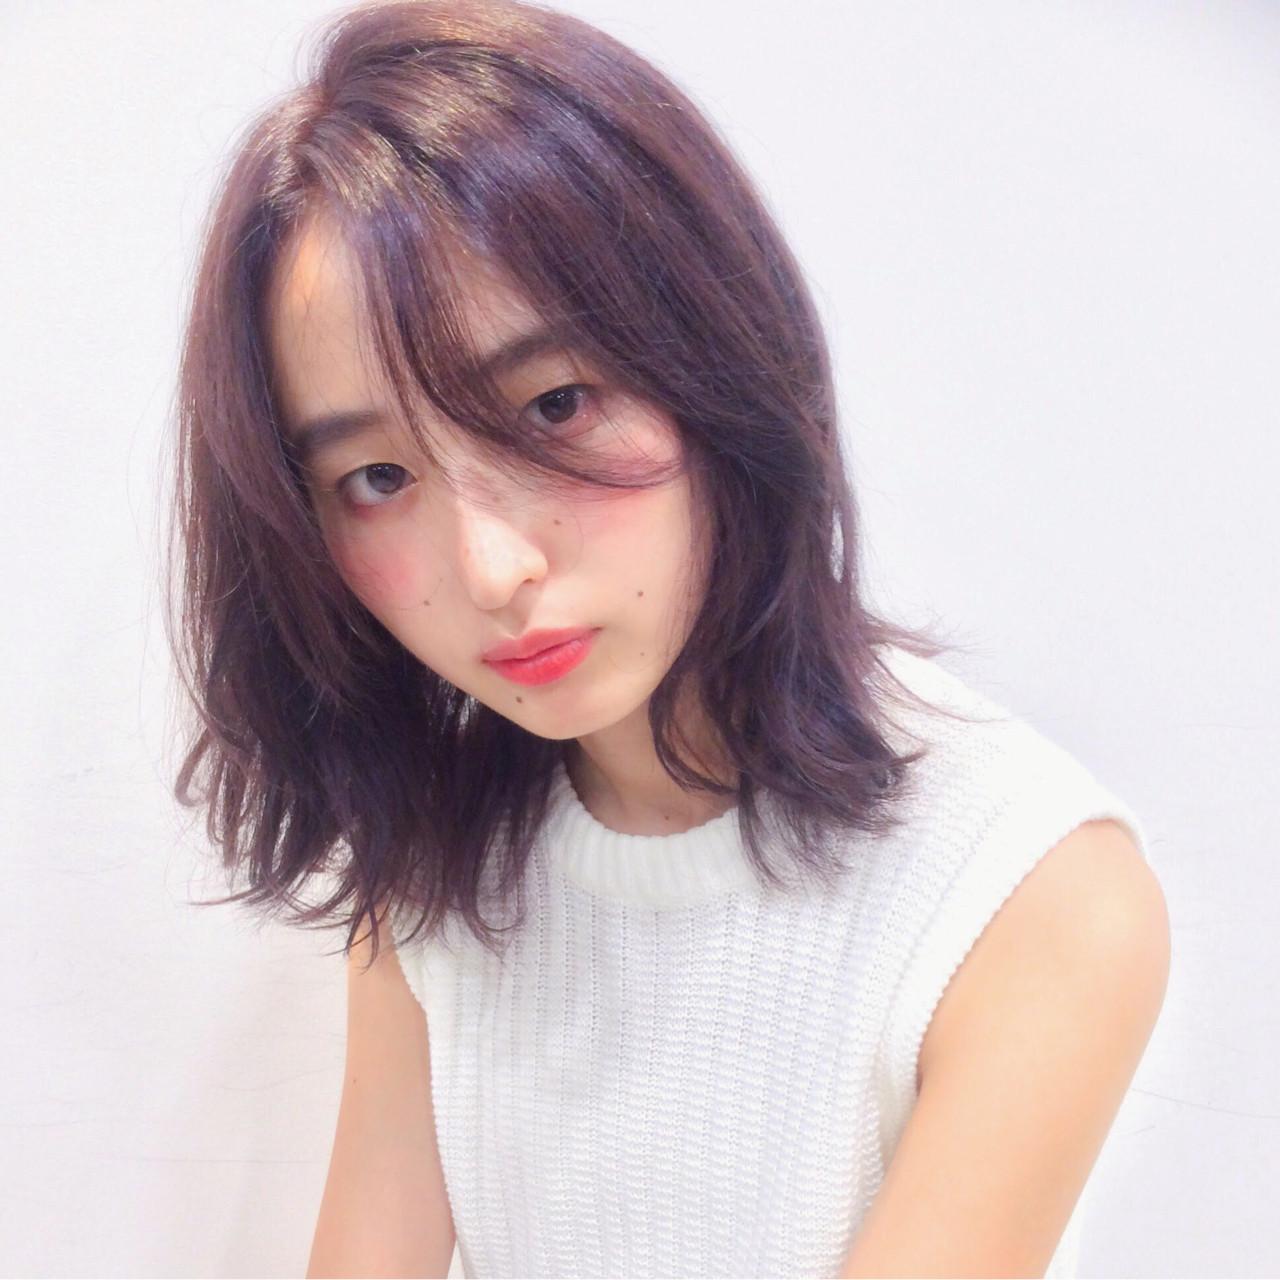 アッシュのピンクブラウンヘア GARDEN harajyuku 細田 | GARDEN harajyuku